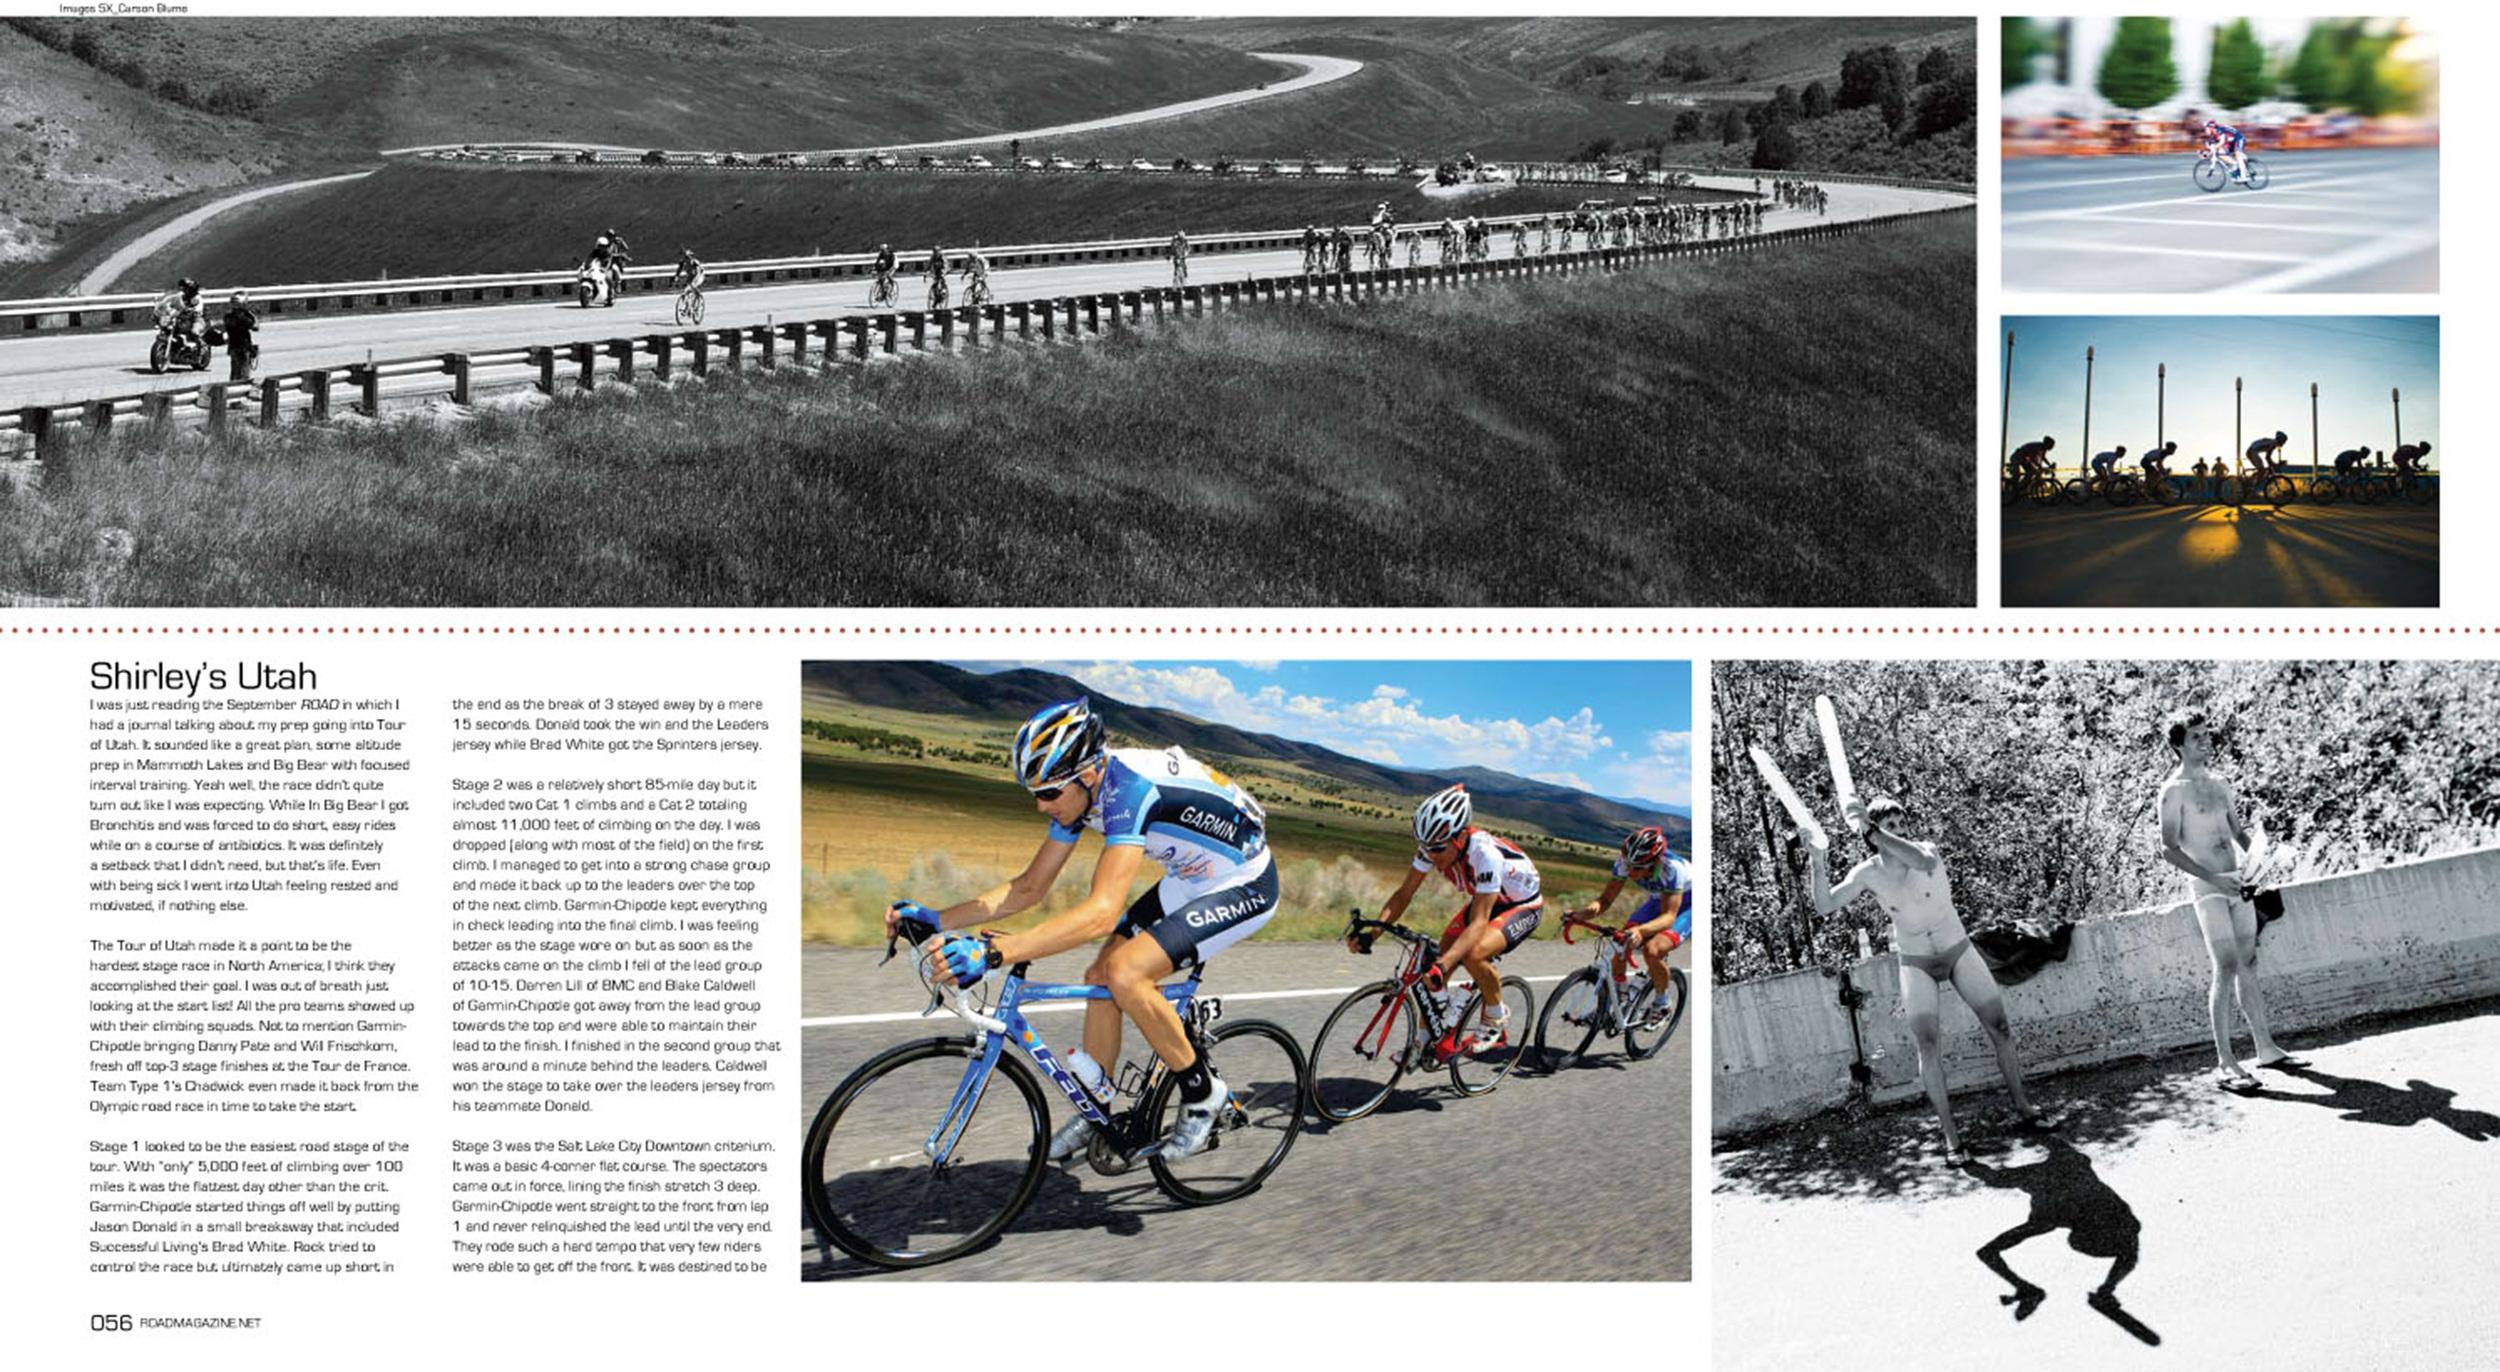 08_Tour-of-Utah-2-copy.jpg